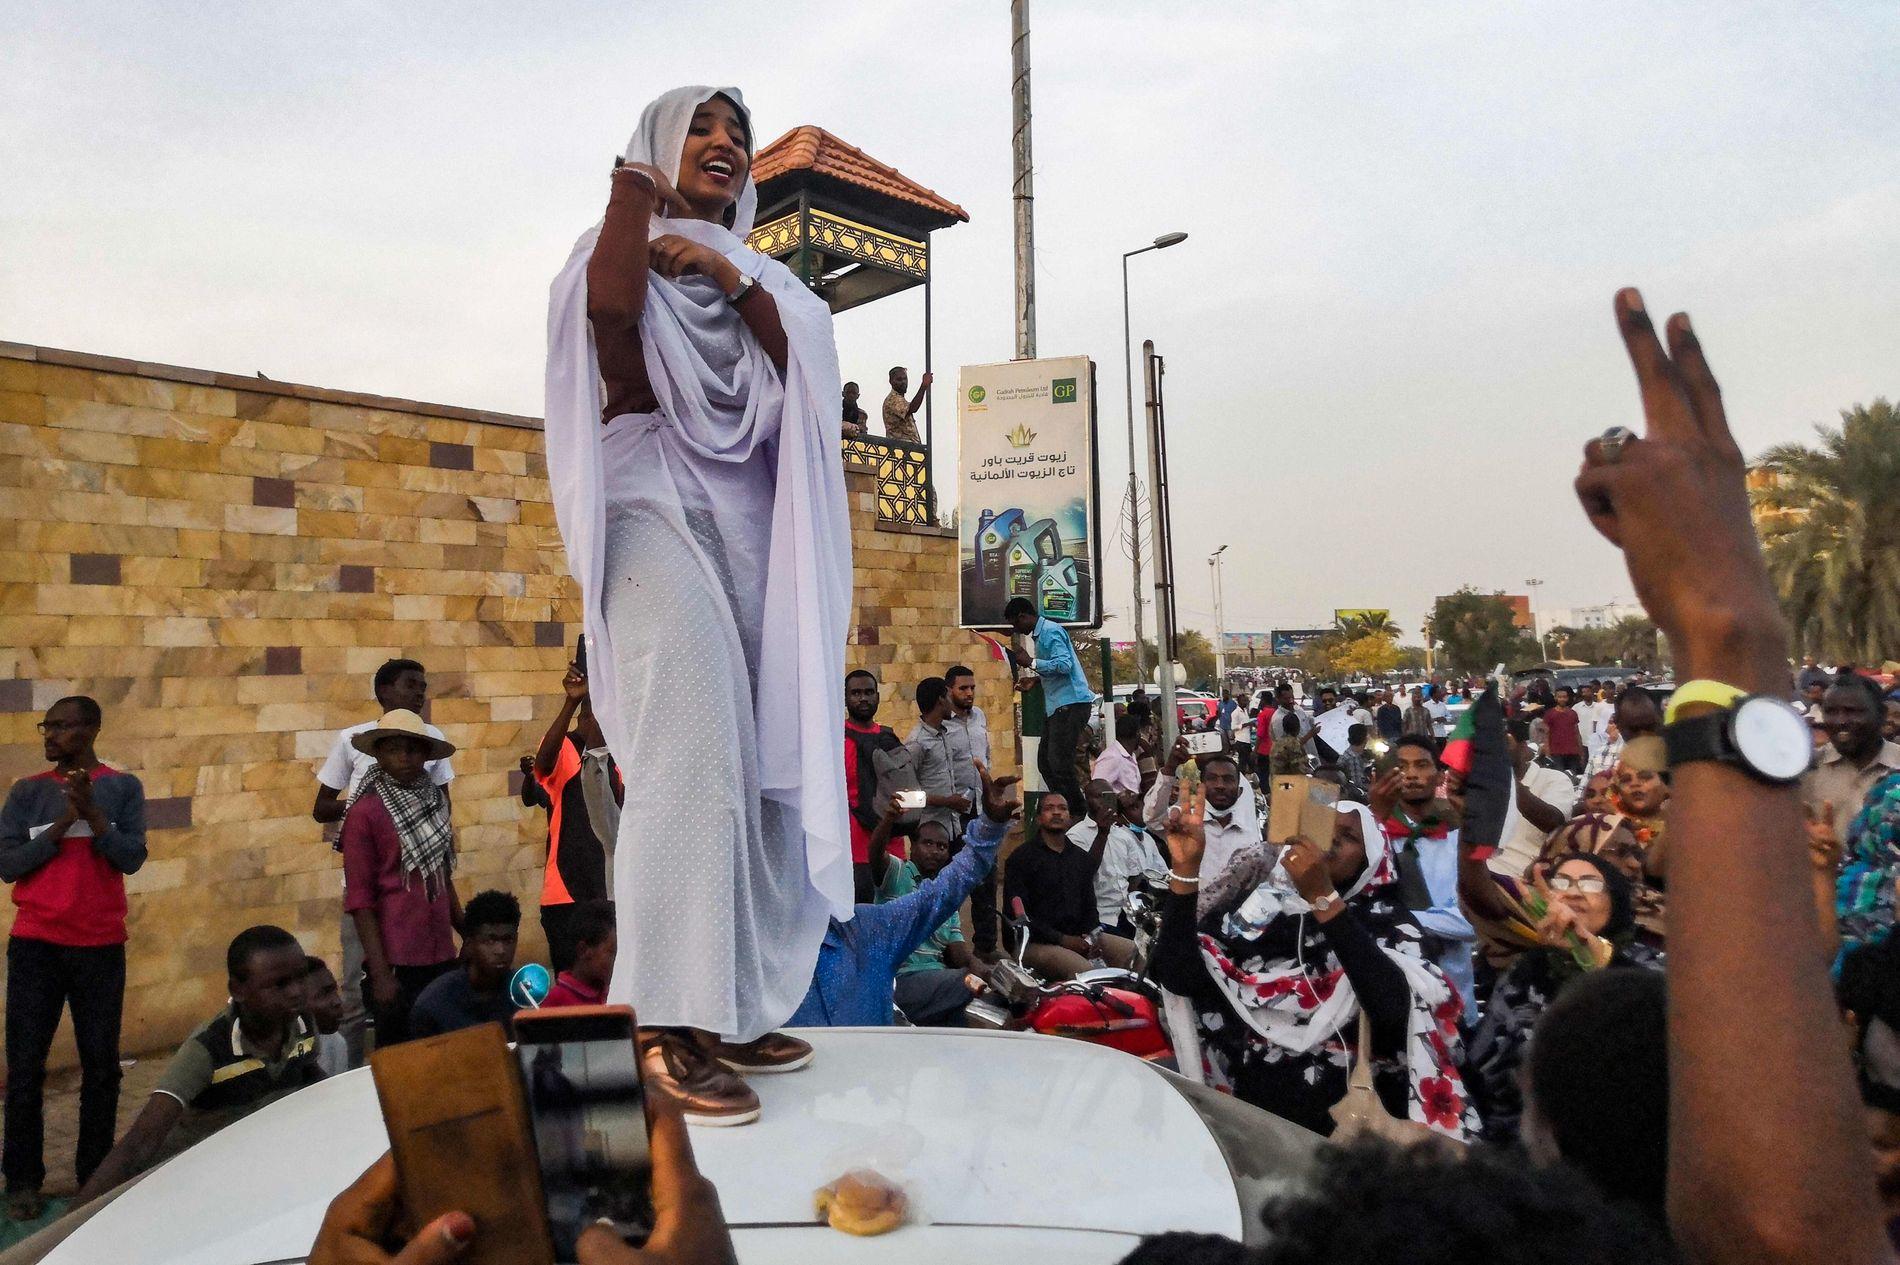 REVOLUSJON: Alaa Salah er blitt ansiktet til revolusjonen i Sudan, etter at eit bilete av hennar tale til demonstrantane i Sudan spreidde seg over heile verda.